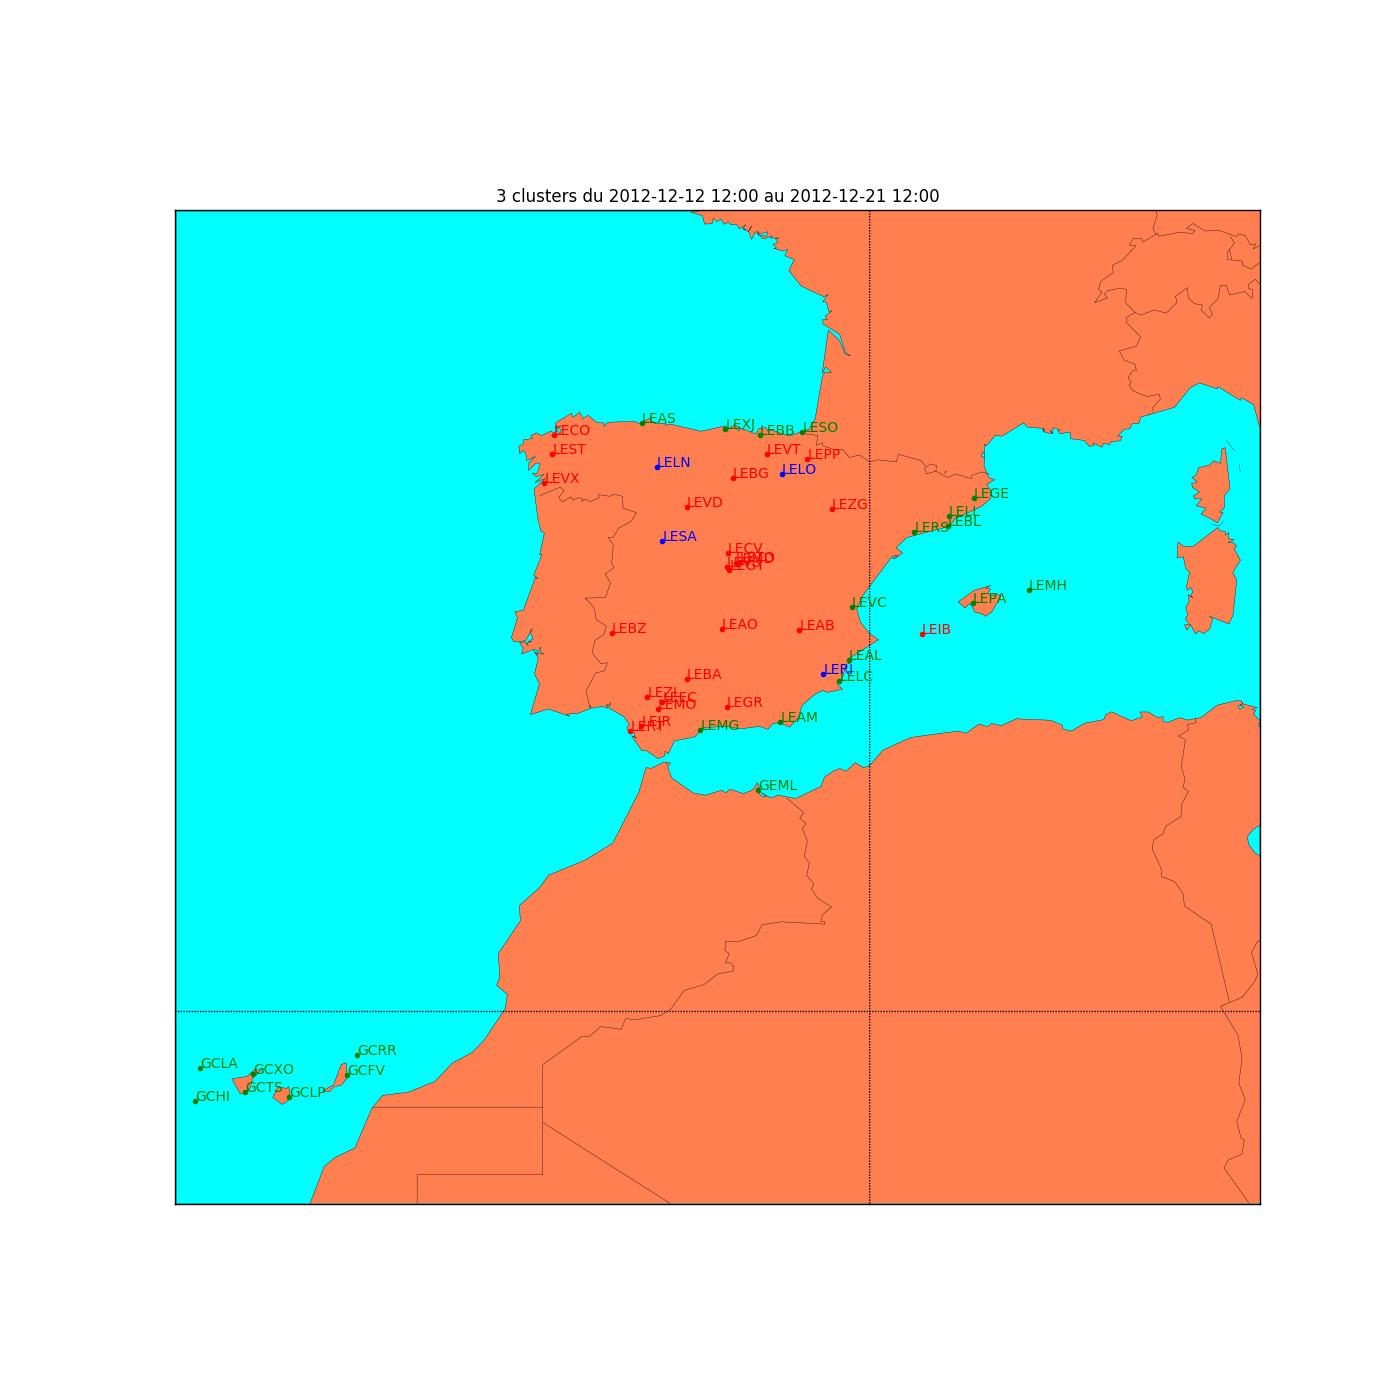 livrables/Rapport-LATEX/figures/3_clusters_du_2012_12_12_12_00_au_2012_12_21_12_00.png